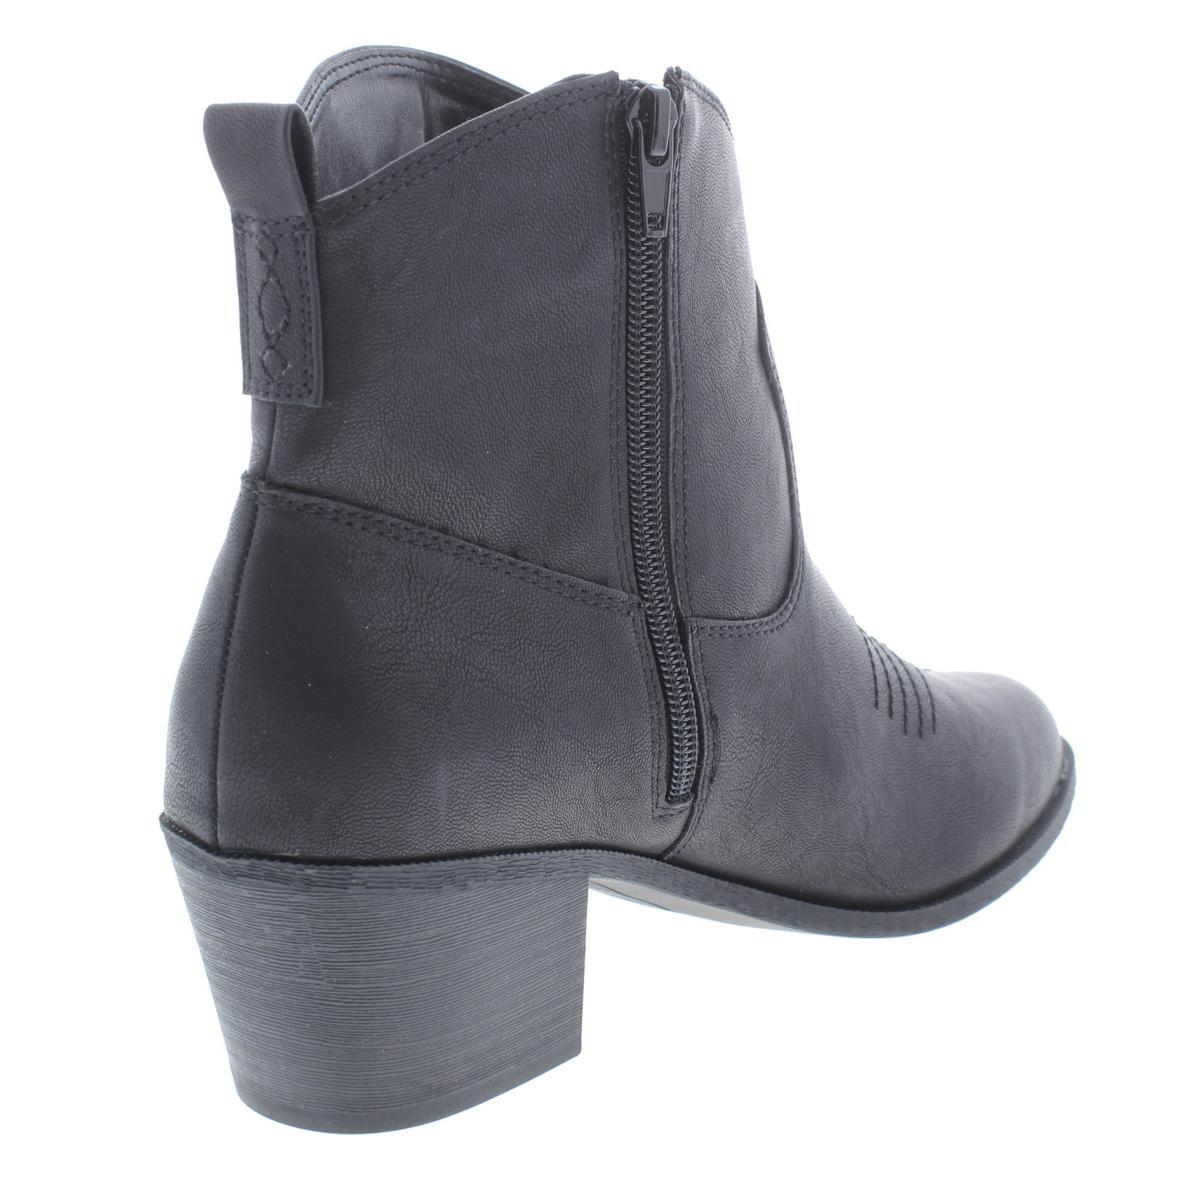 Style & Co. Damenschuhe Mandyy Faux Leder Cowboy, Western BHFO Stiefel Heels BHFO Western 3299 f053b8